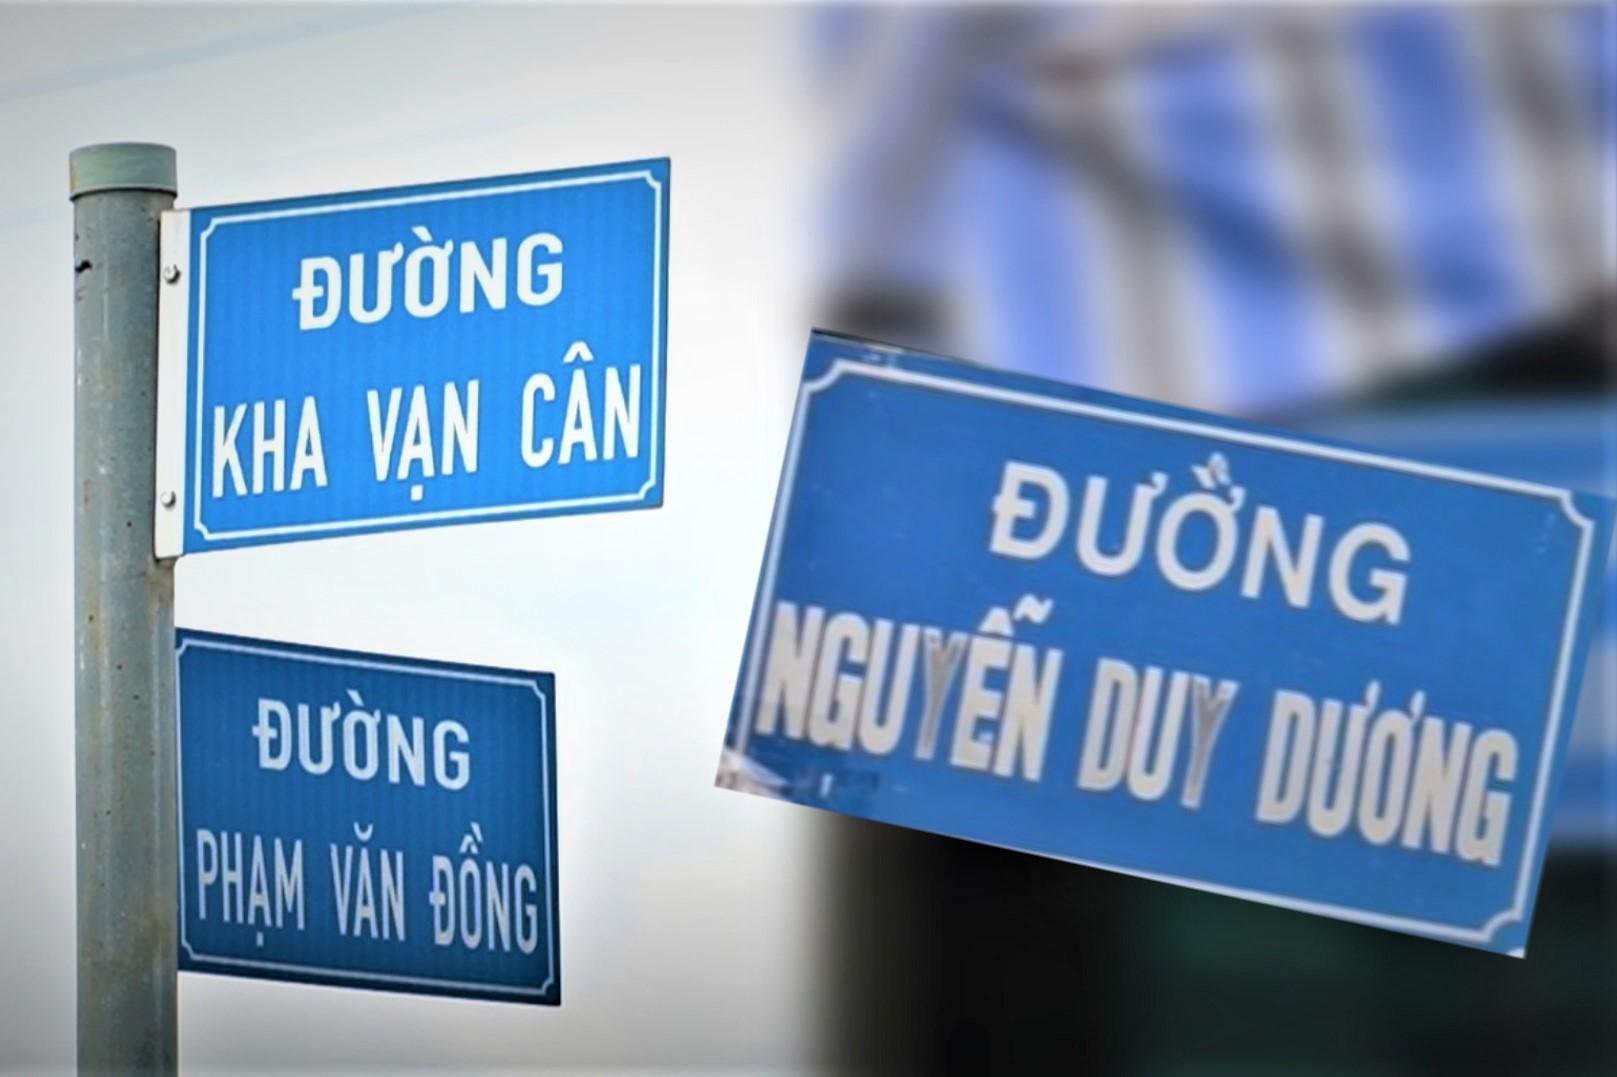 Người dân TP.HCM: 'Nên đổi tên đường theo đúng lịch sử'